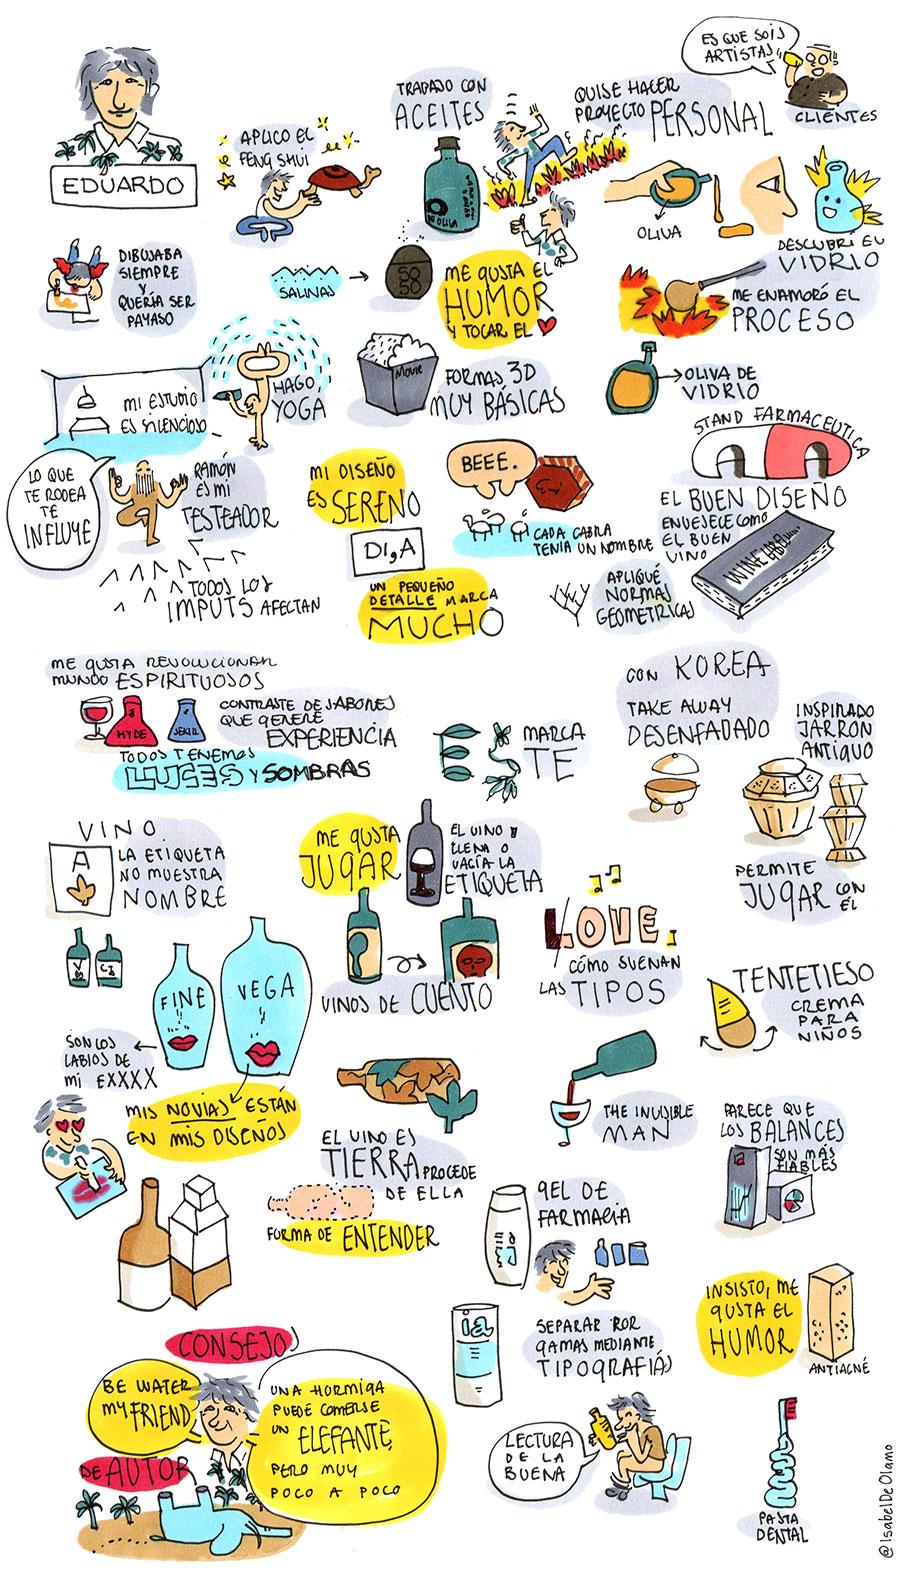 Ilustracion-Eduardo-del-Fraile-3.jpg